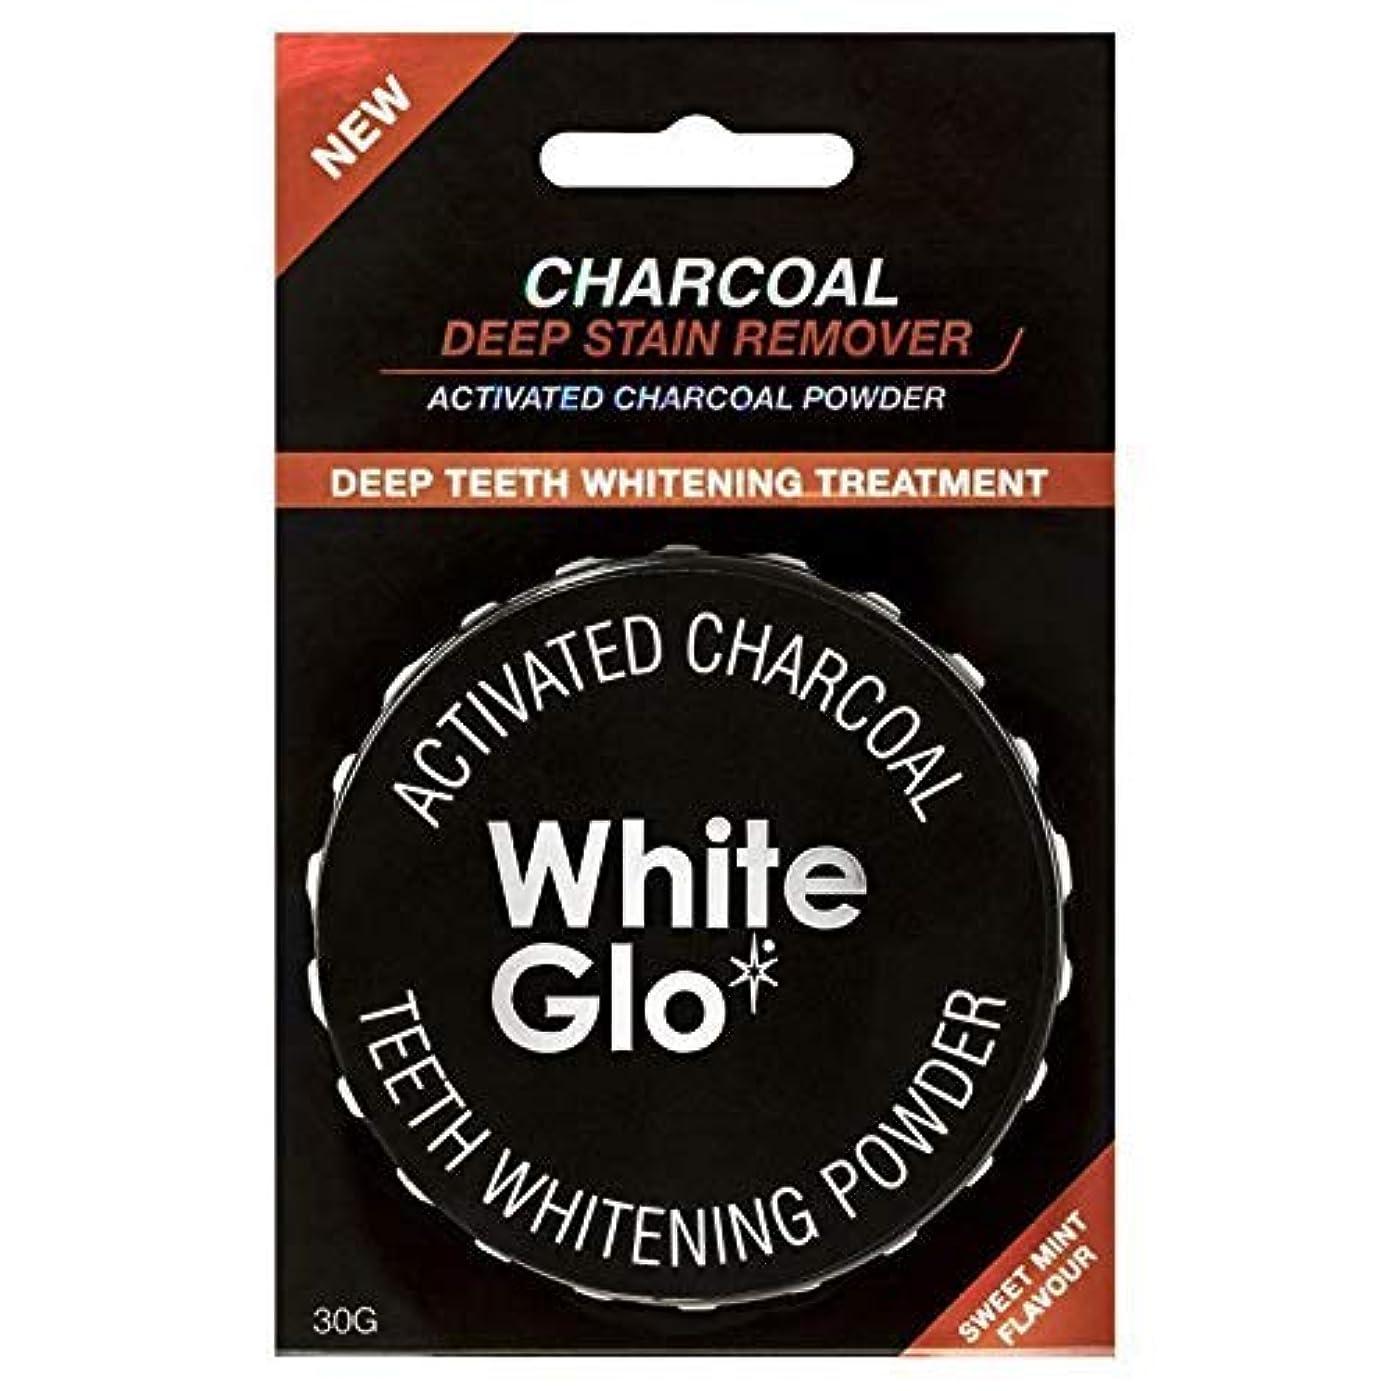 調整する陰気彼女はTeeth Whitening Systems White Glo Activated Charcoal Teeth Whitening Powder 30g Australia / システムを白くする歯を白くする歯の粉...